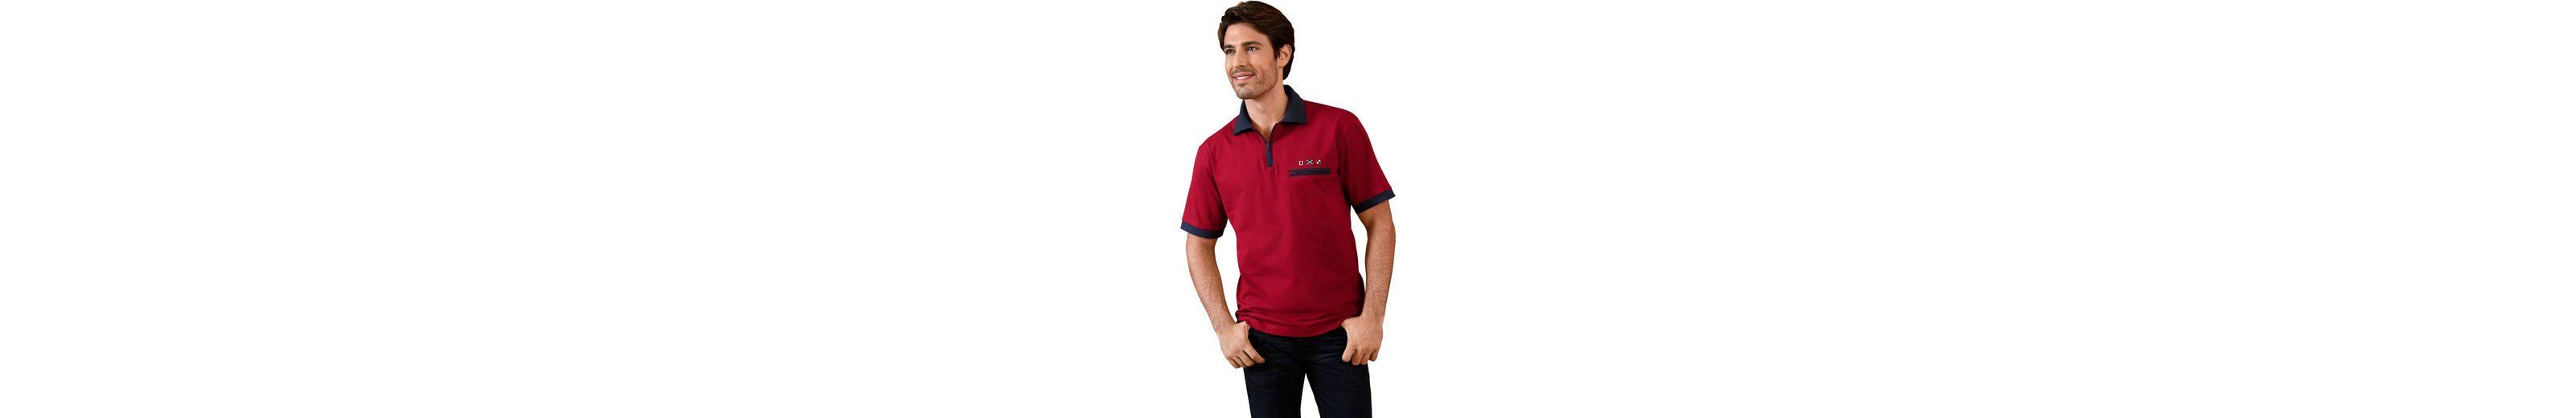 Neuesten Kollektionen Classic Basics Poloshirt aus reiner Baumwolle Große Überraschung Günstig Online Freies Verschiffen Exklusiv Sehr Günstiger Preis Lp8IhBkZ7